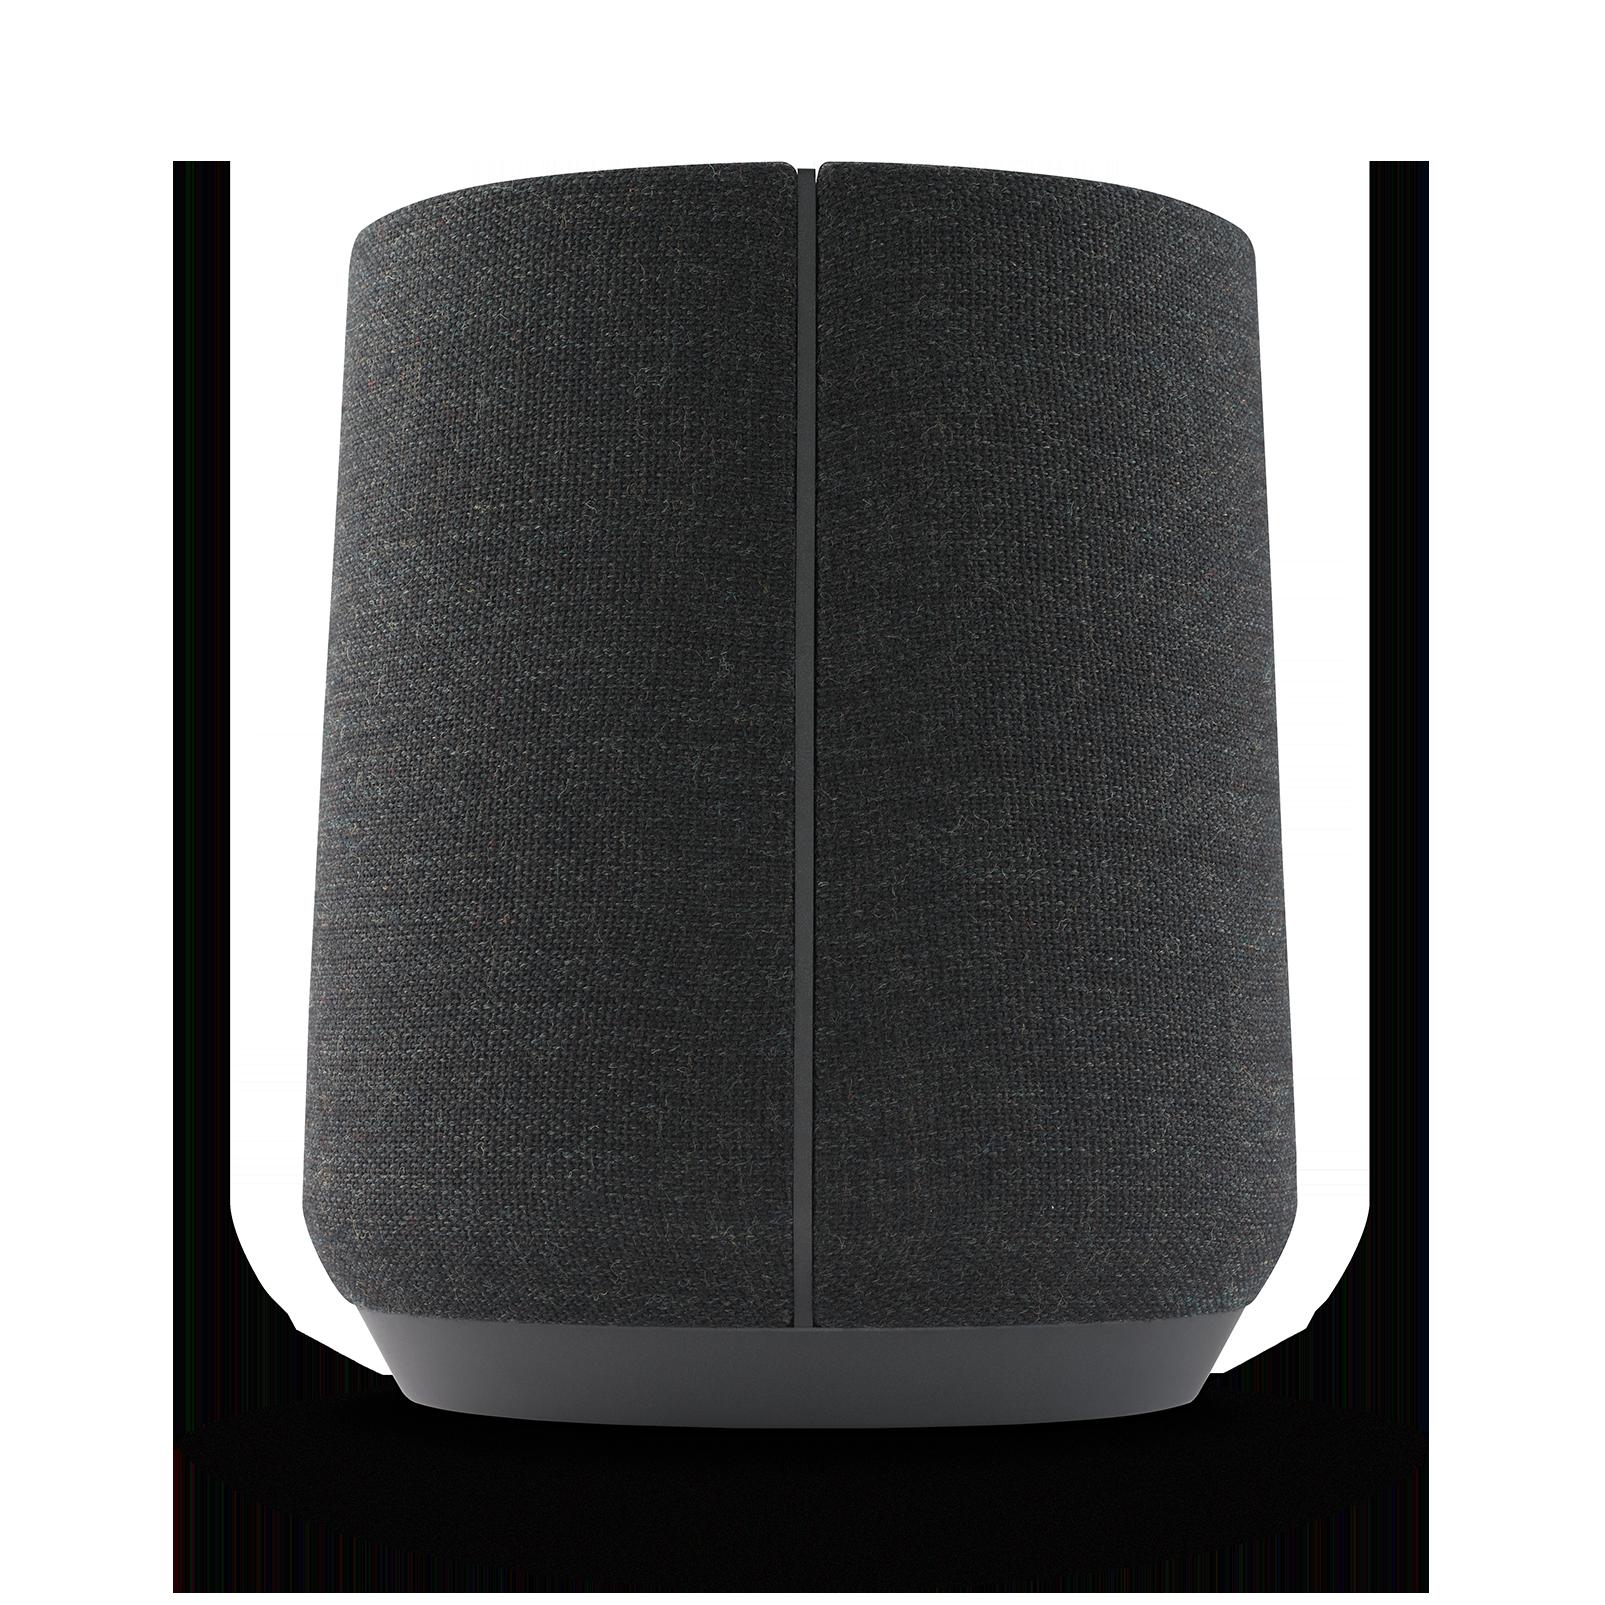 Harman Kardon Citation 500 - Black - Large Tabletop Smart Home Loudspeaker System - Detailshot 3